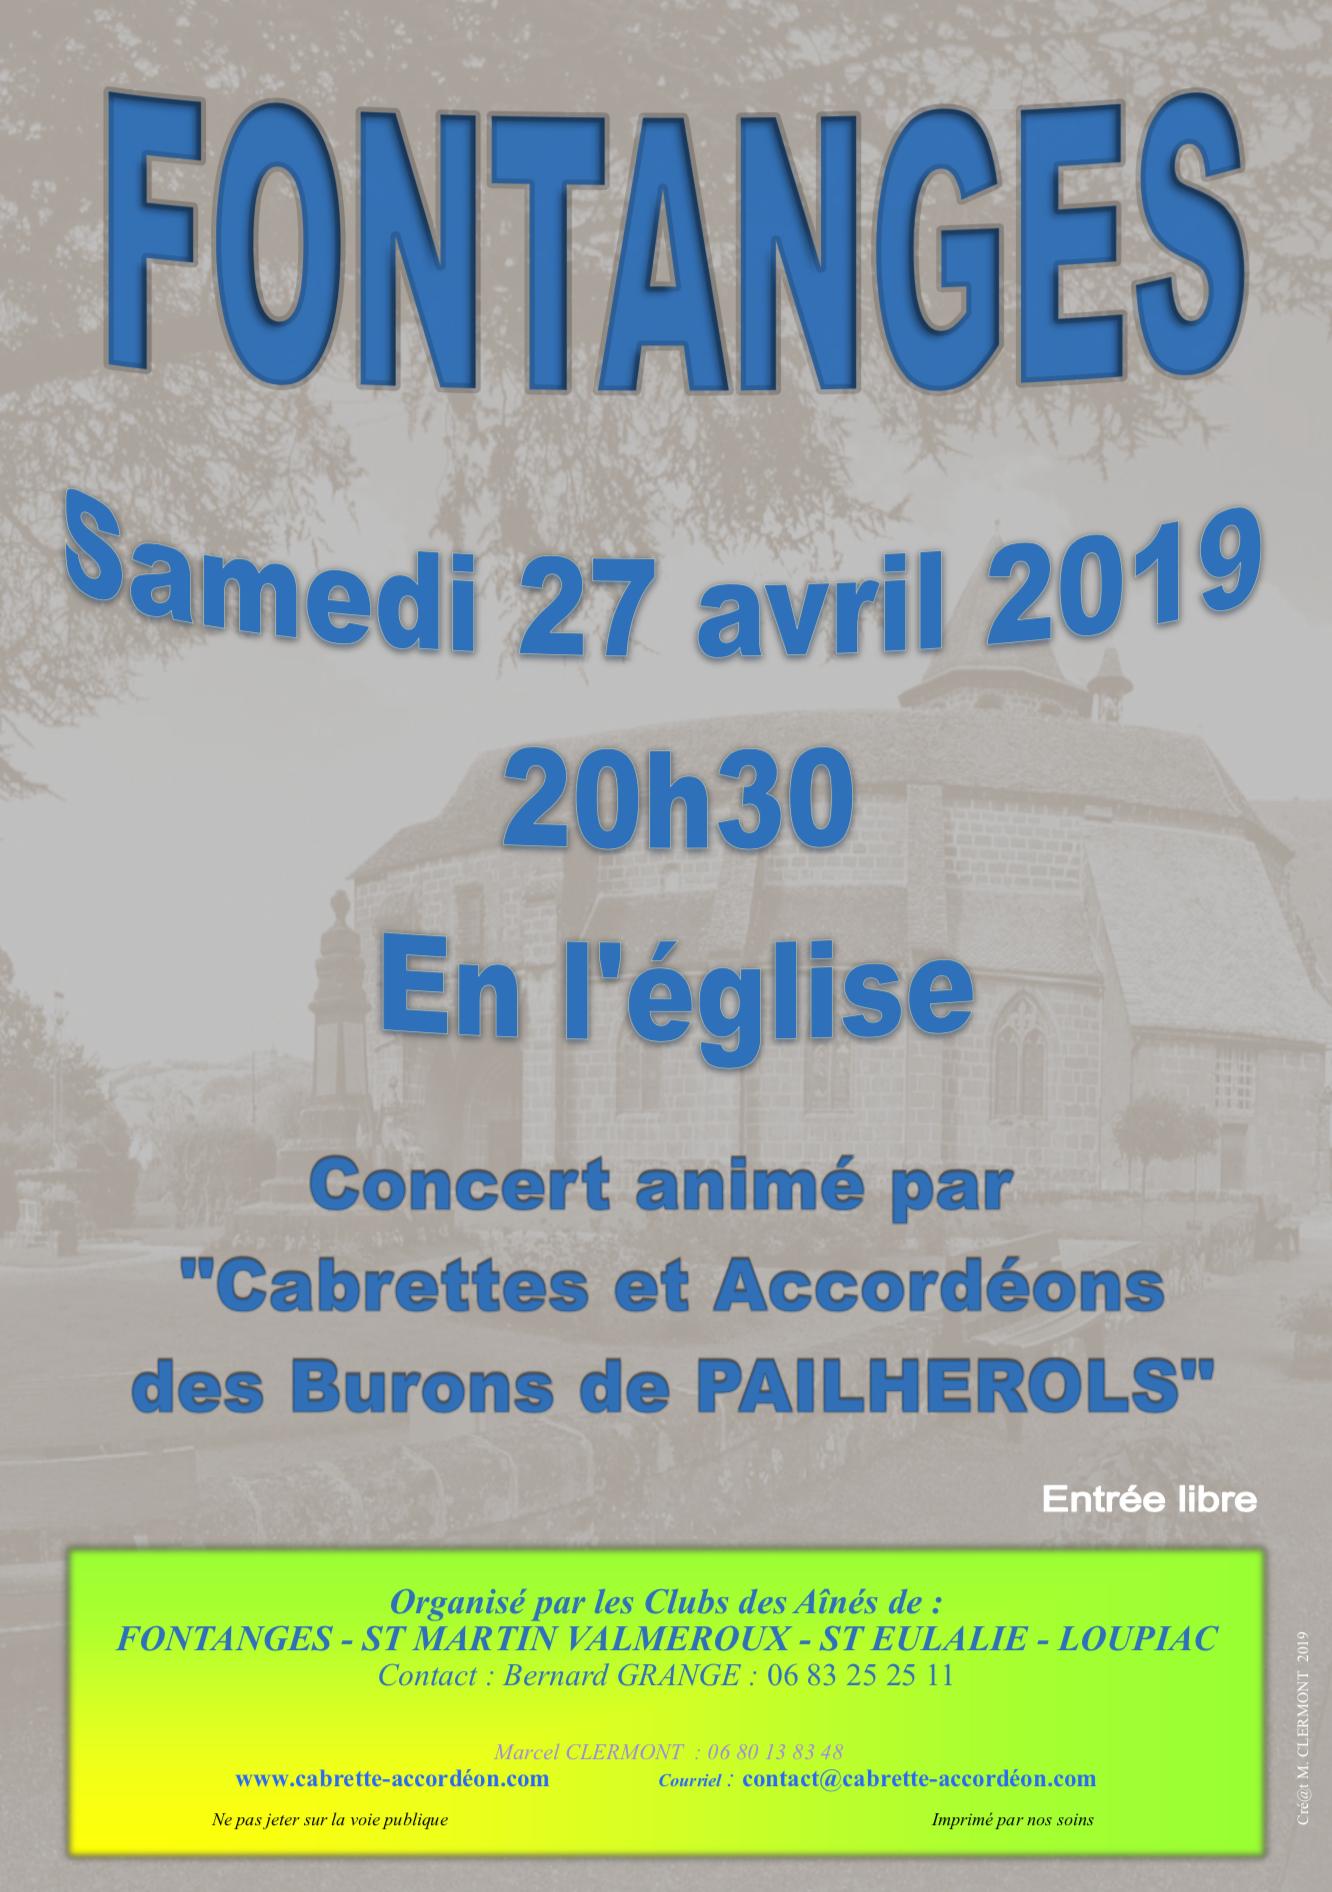 Concert Église de Fontanges